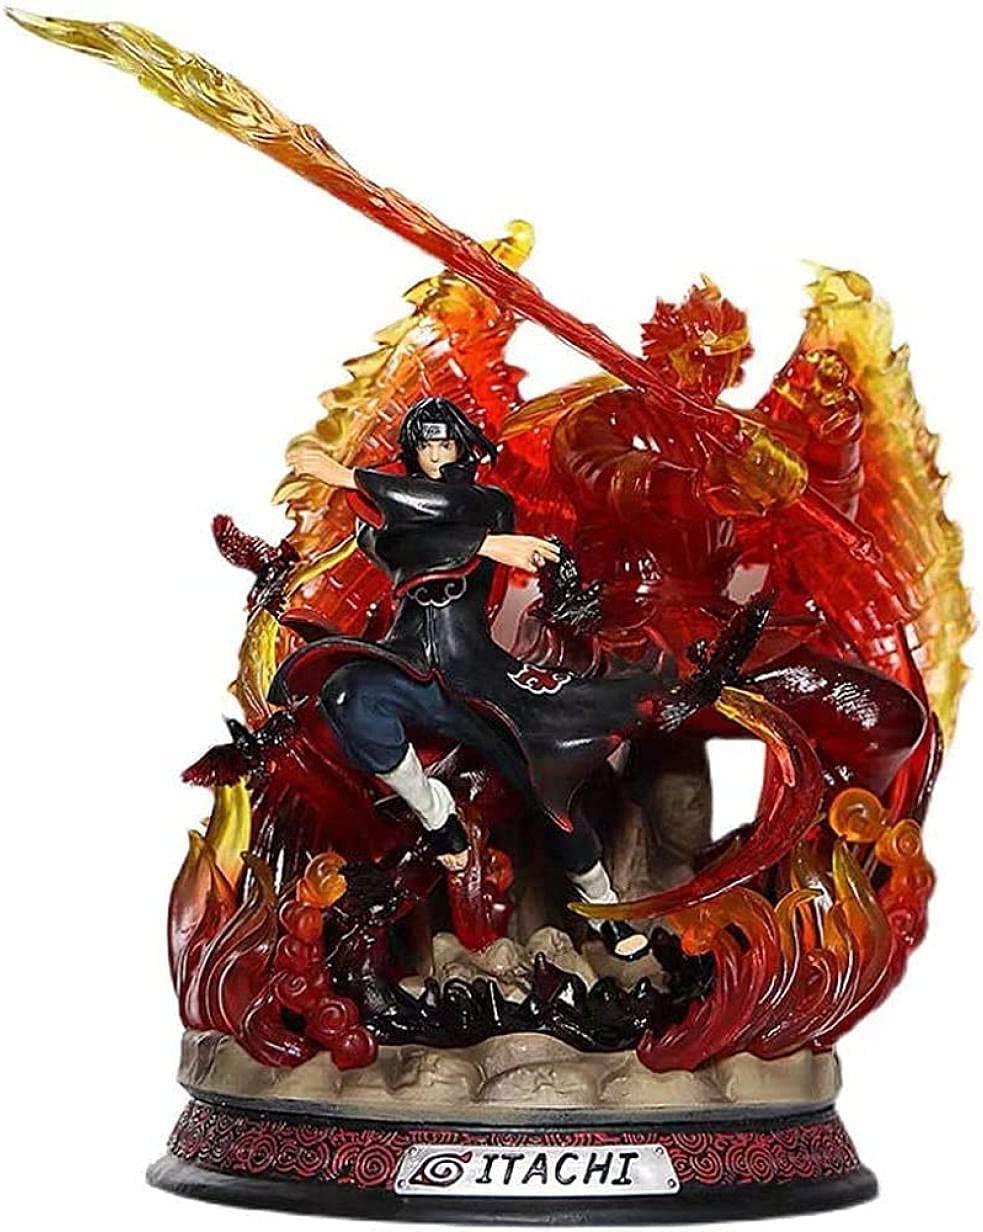 Naruto Washington Mall GK Uchiha Itachi Susano The can Illuminated Body Whole be Ranking TOP9